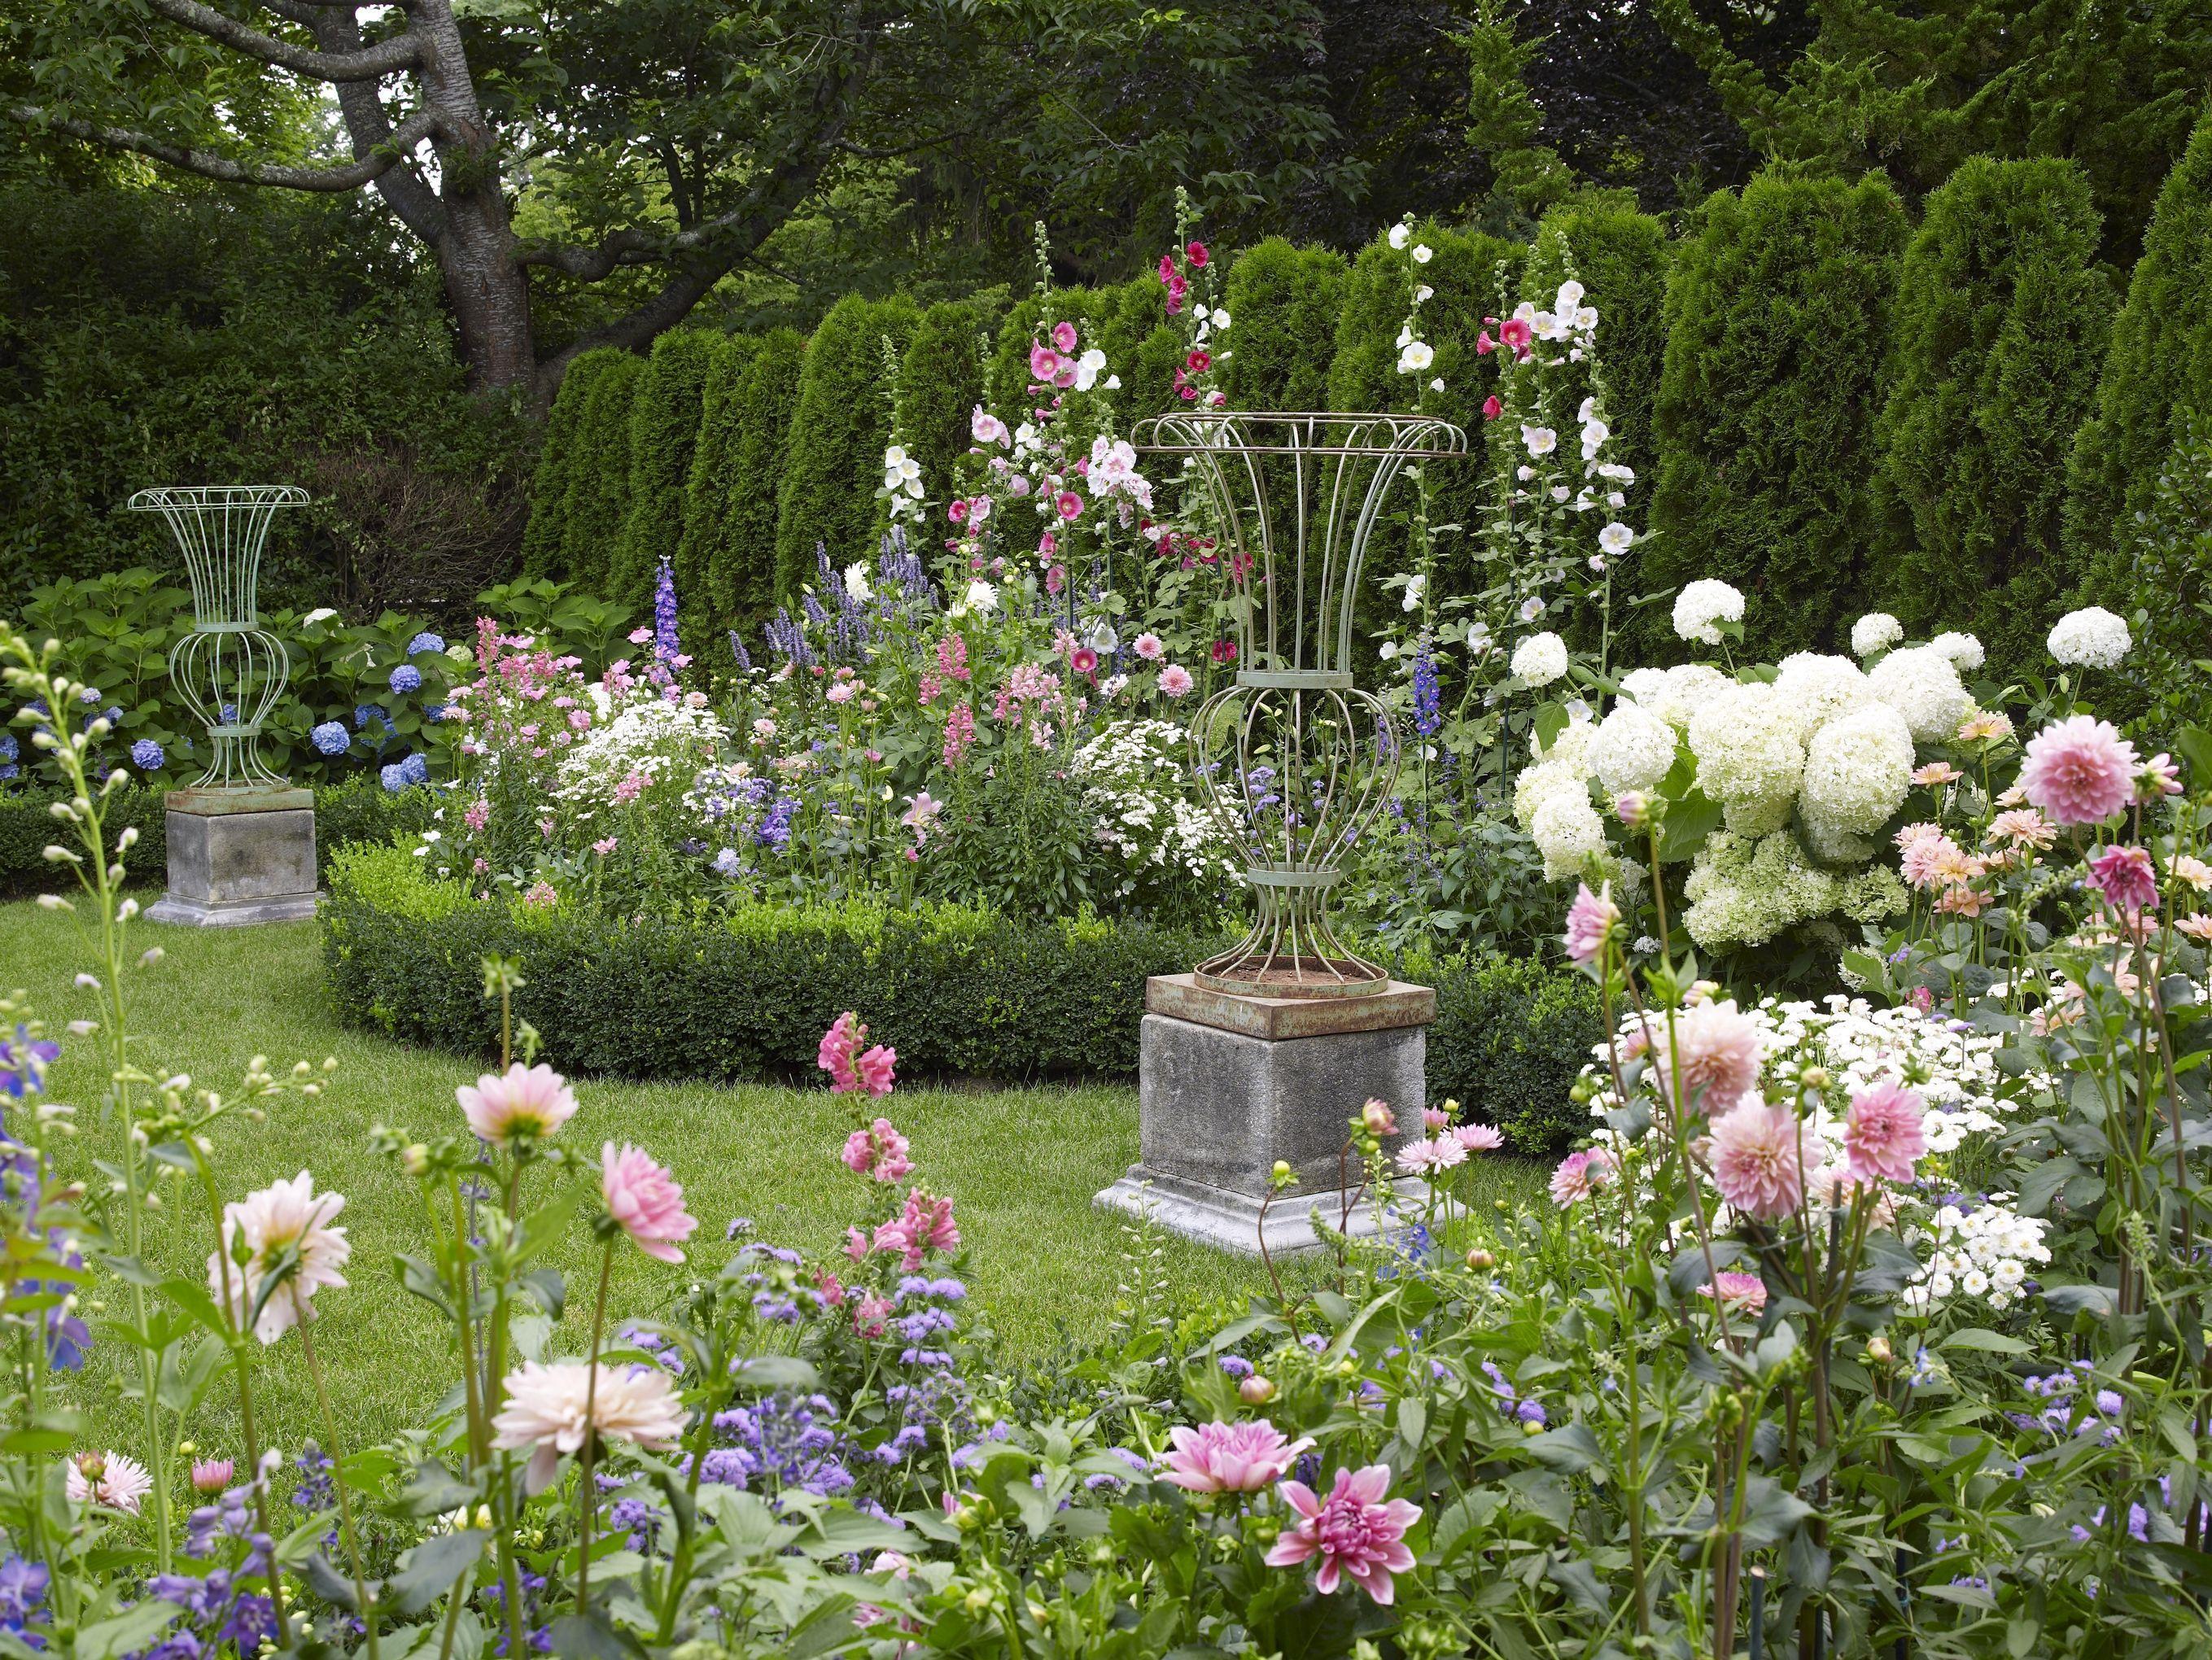 Cottage garden landscape design ideas  Goodbye to Bee Cottage u Frances Schultz  Garden  Pinterest  Bees